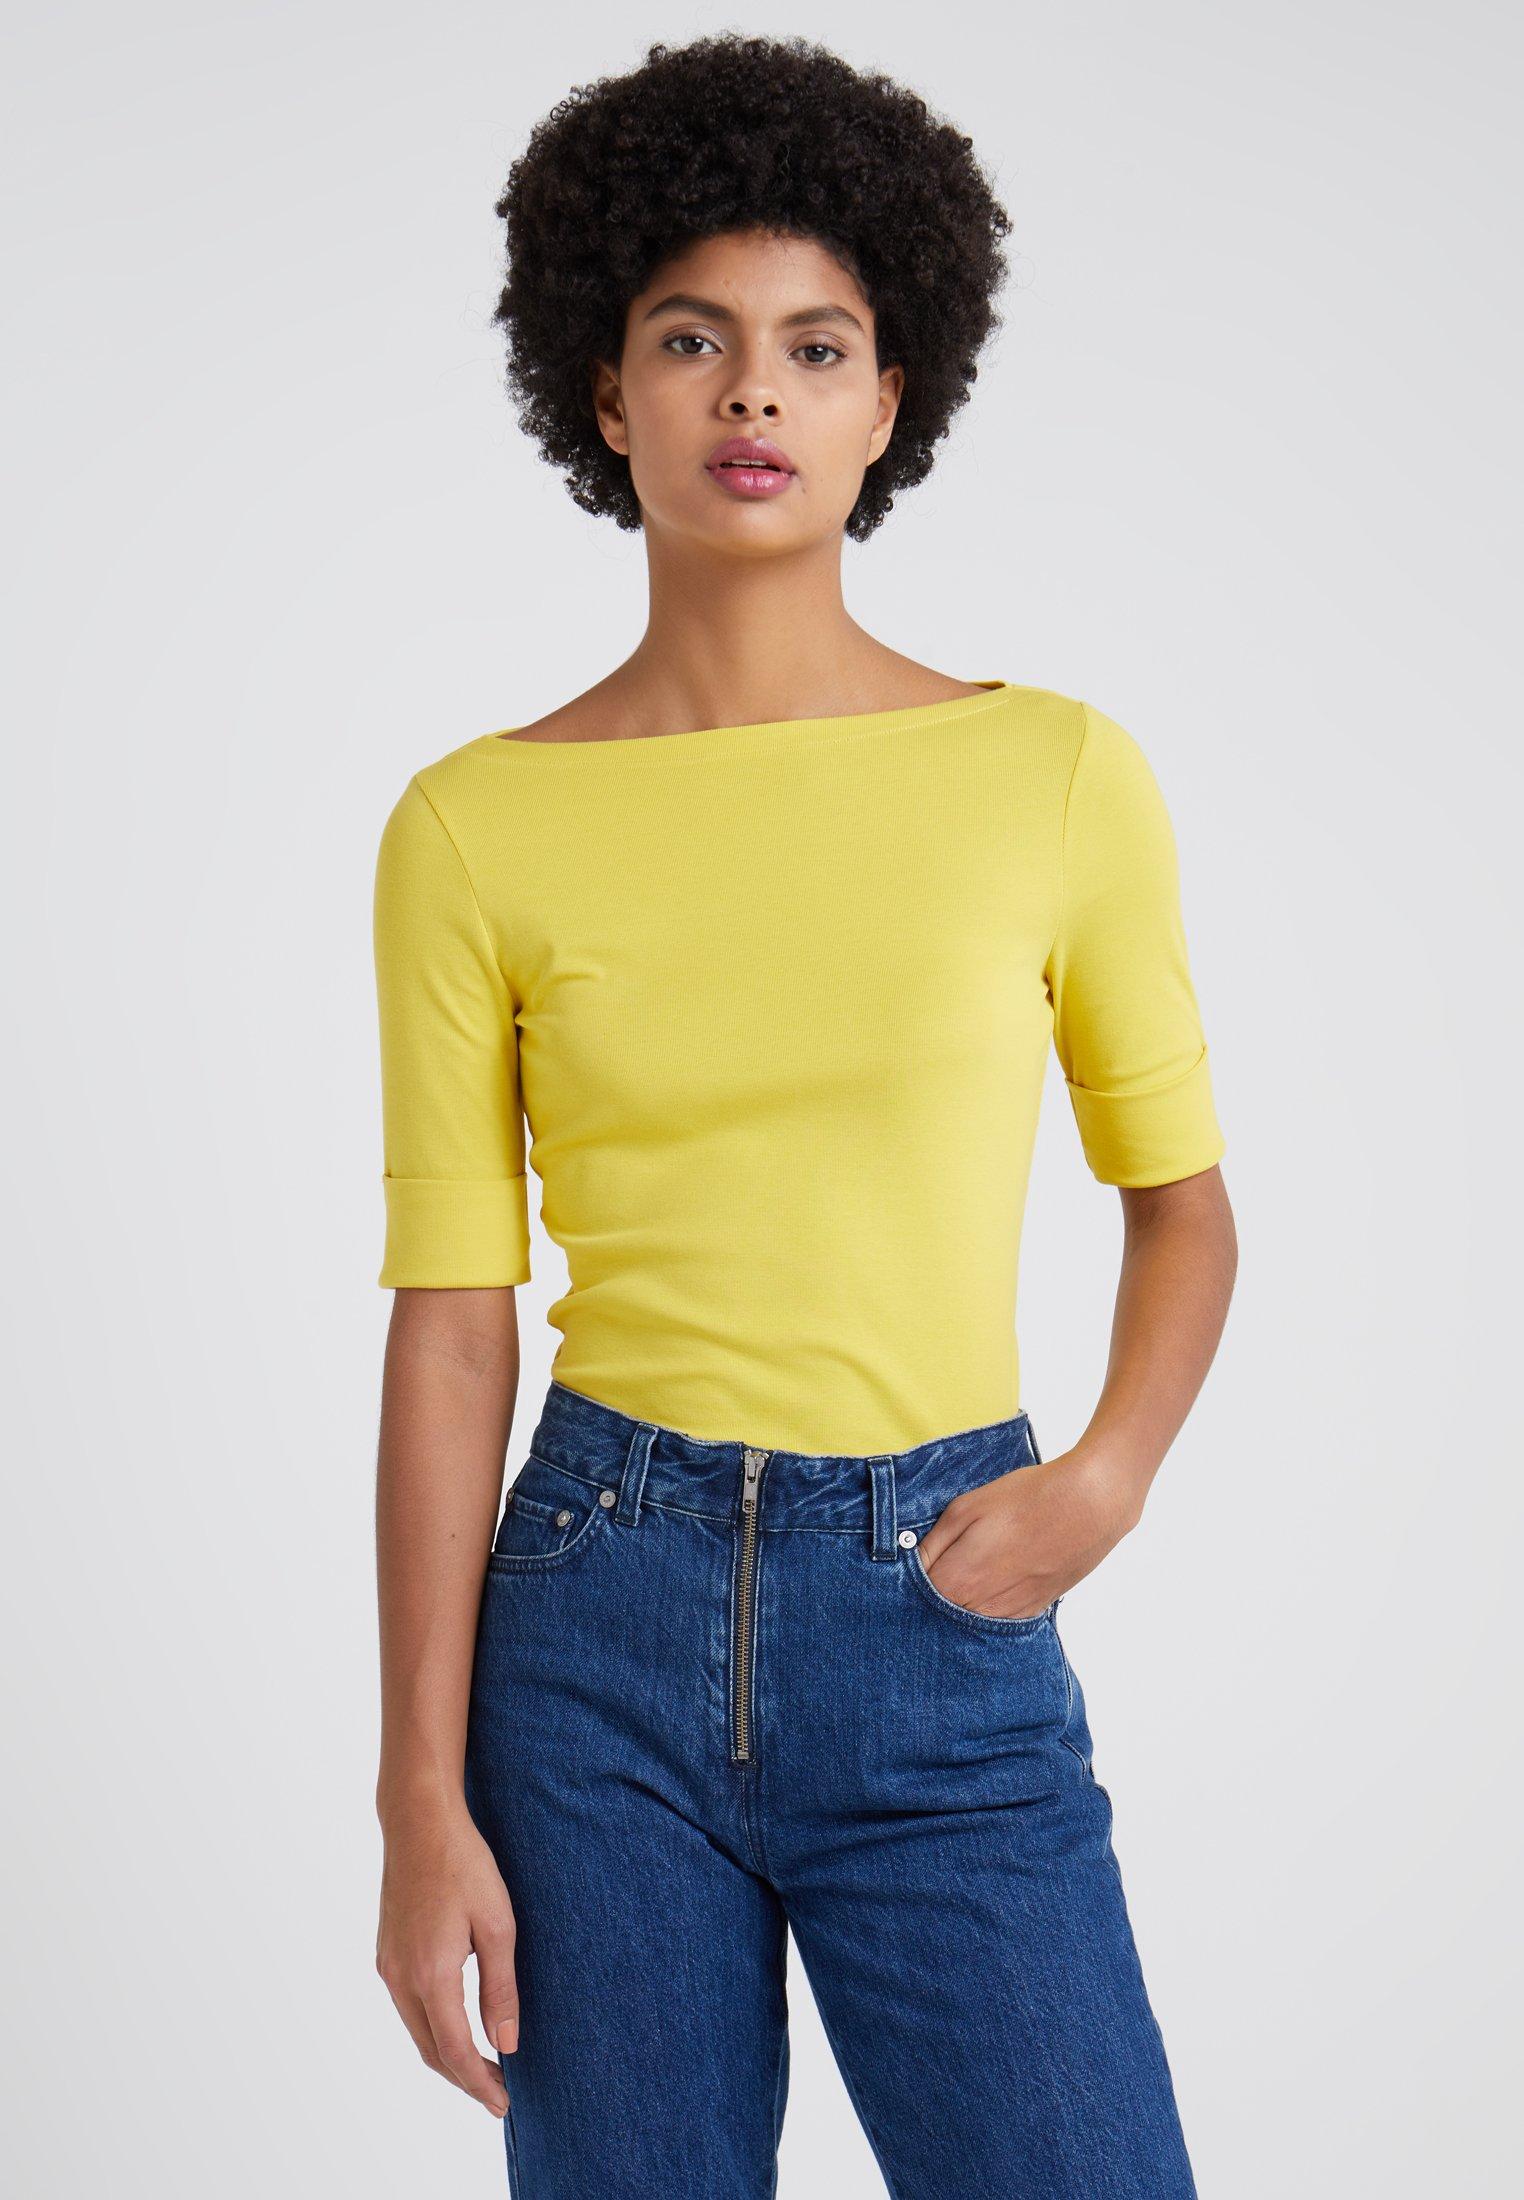 shirt Elbow Yellow Regatta Ralph Judy SleeveT Basique Lauren nOkXwN8Z0P